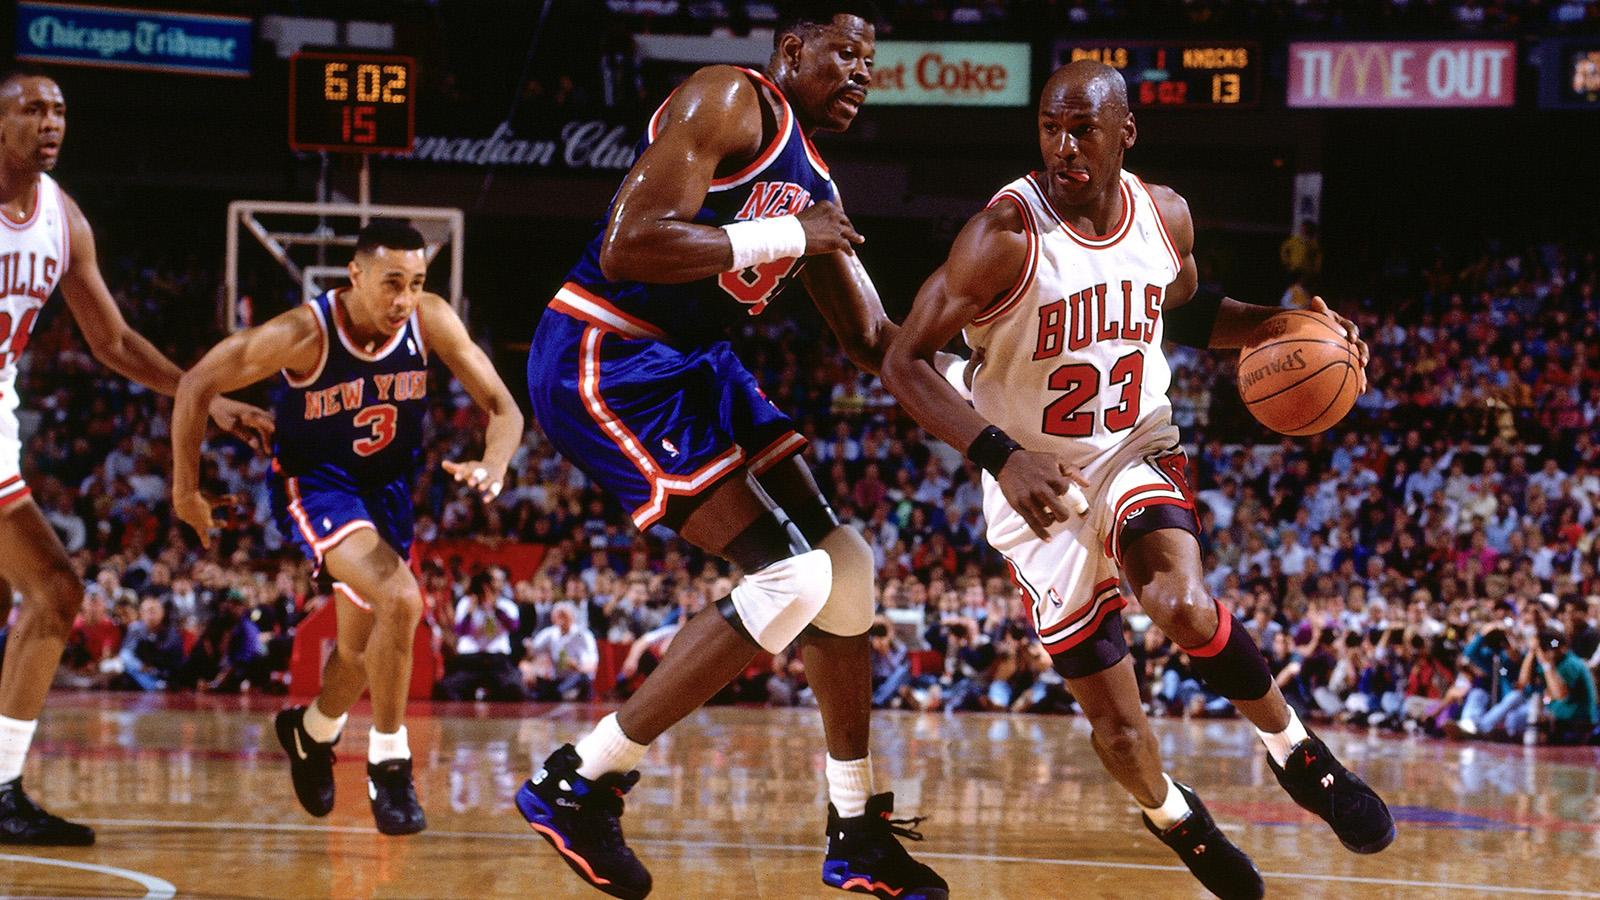 Michael Jordan and Patrick Ewing